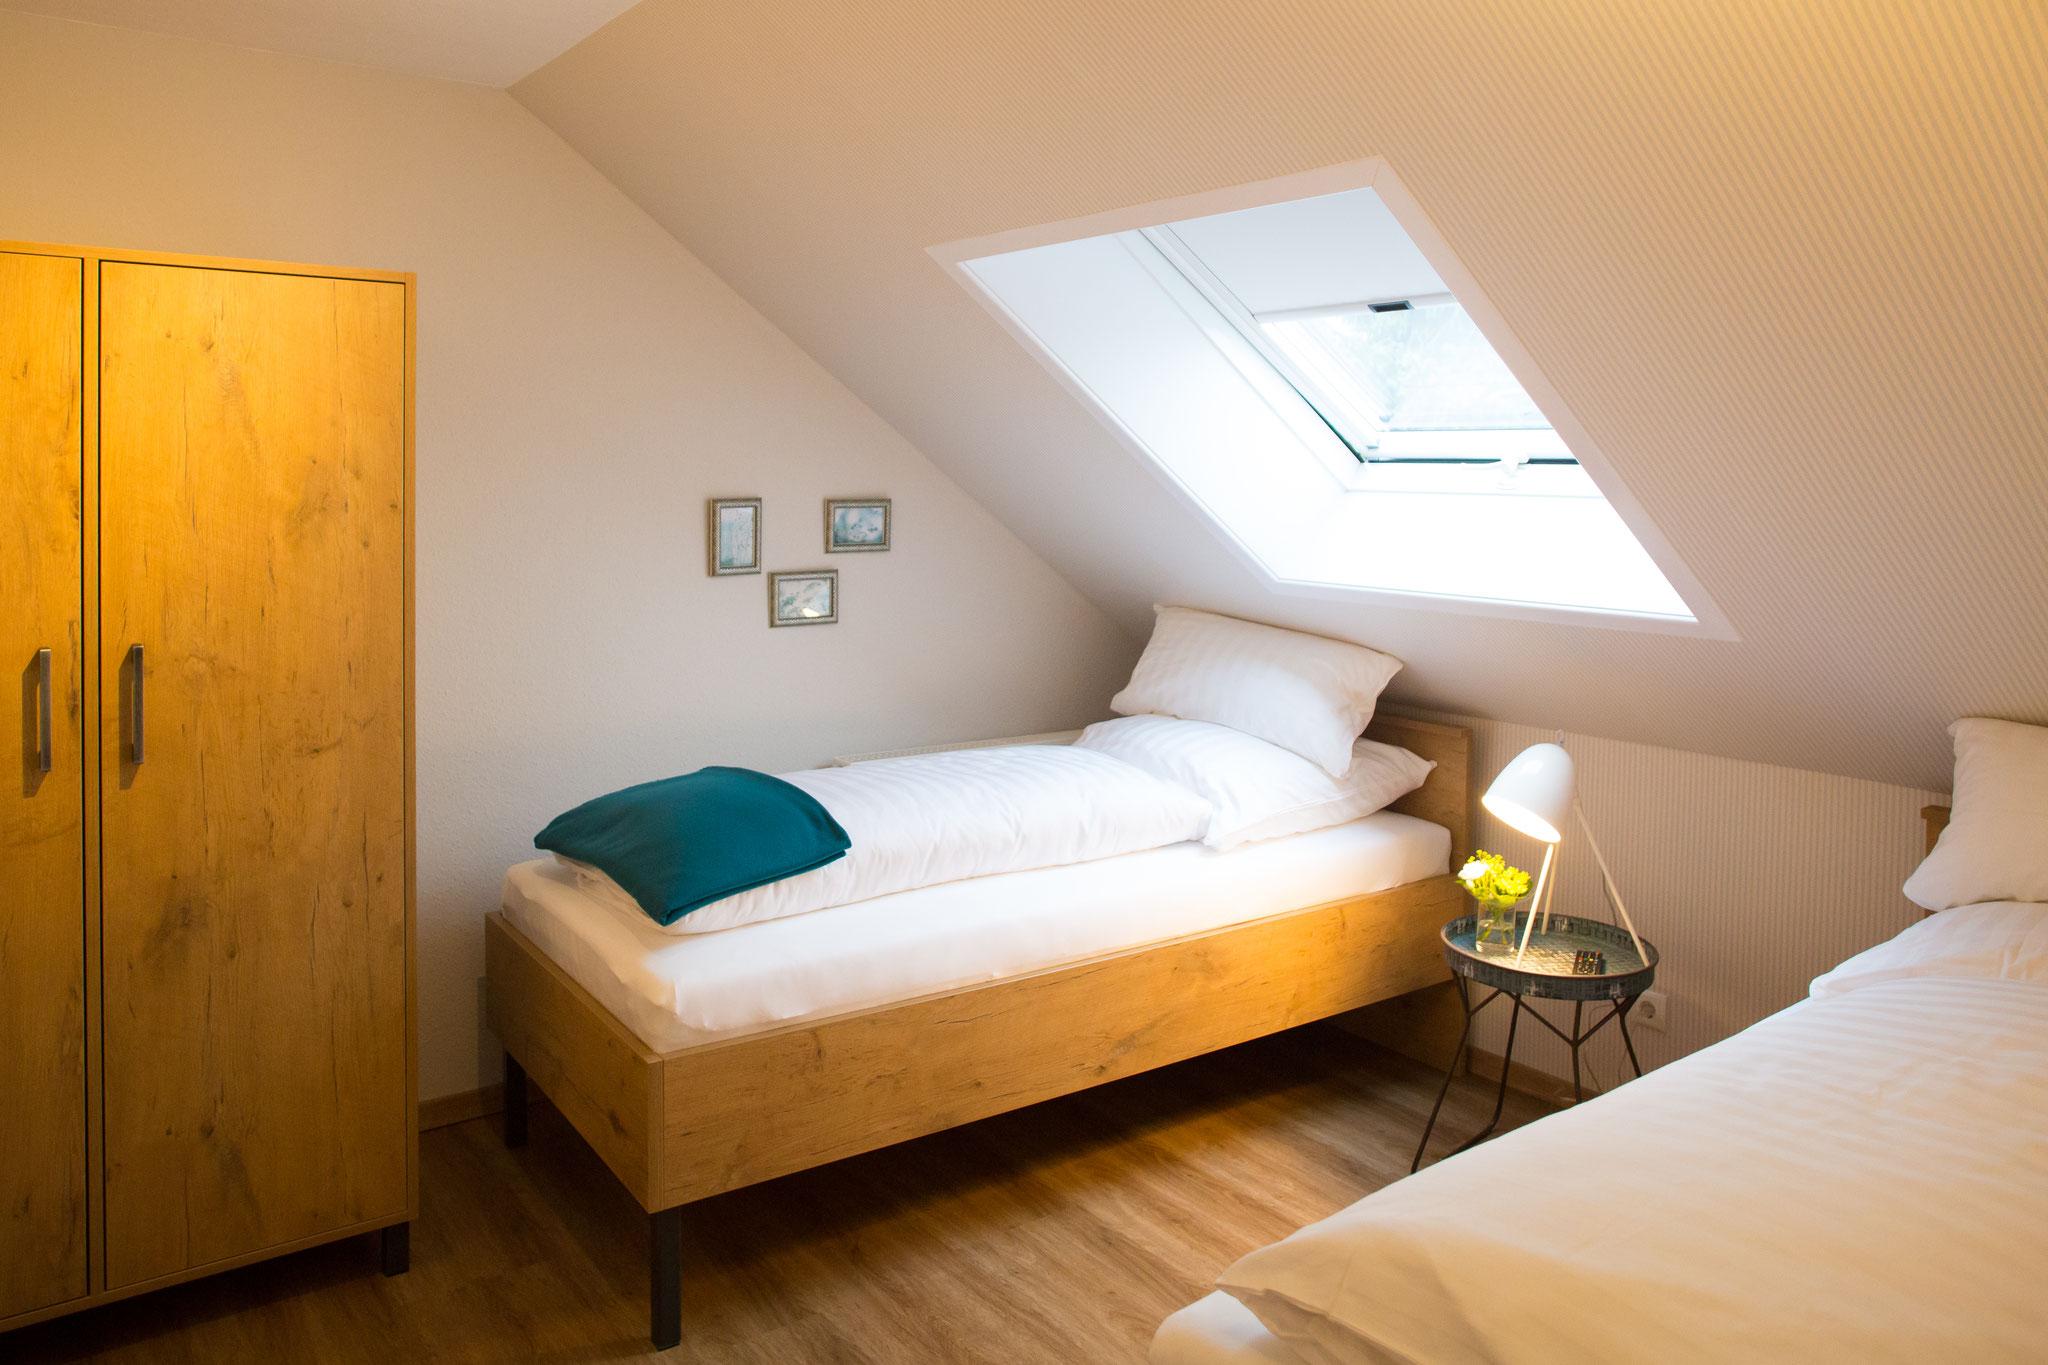 Zimmer 5, zwei Einzelbetten